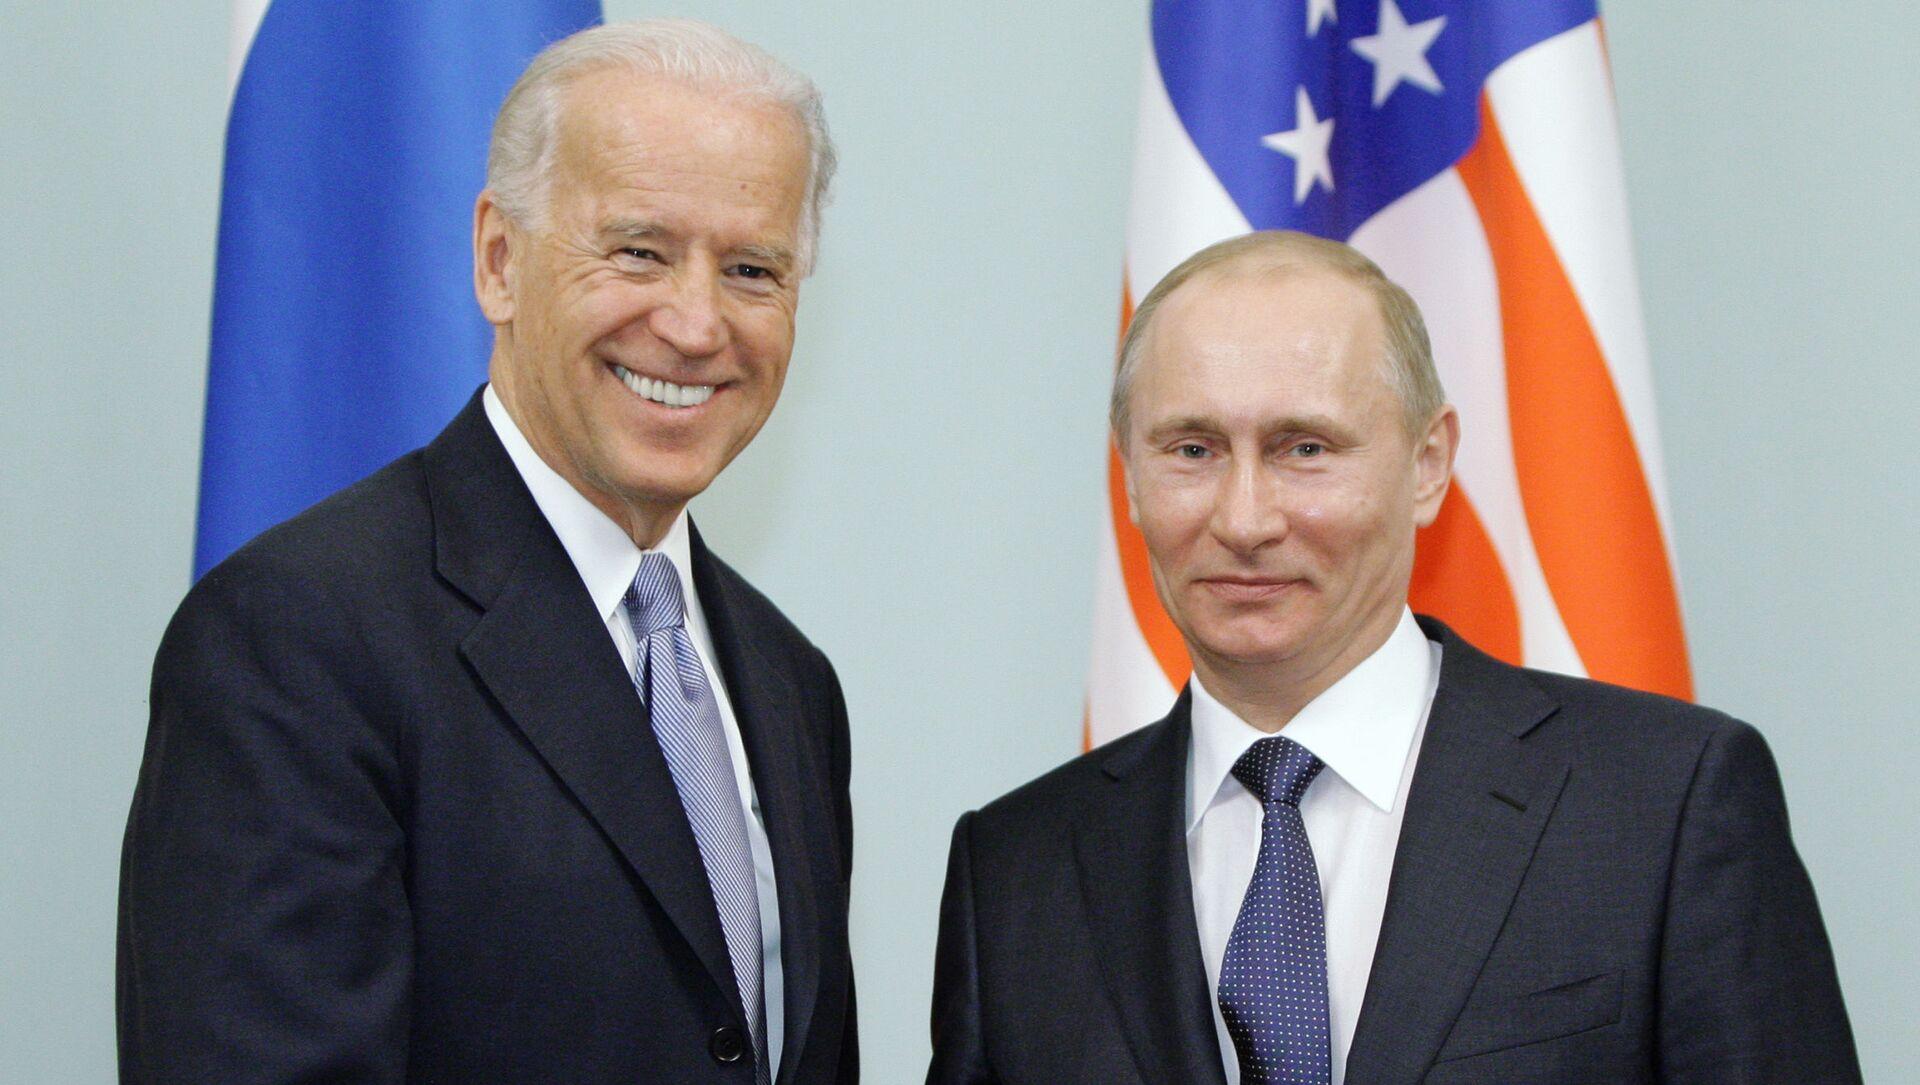 Встреча Владимира Путина с Джозефом Байденом в Москве - Sputnik Азербайджан, 1920, 10.05.2021